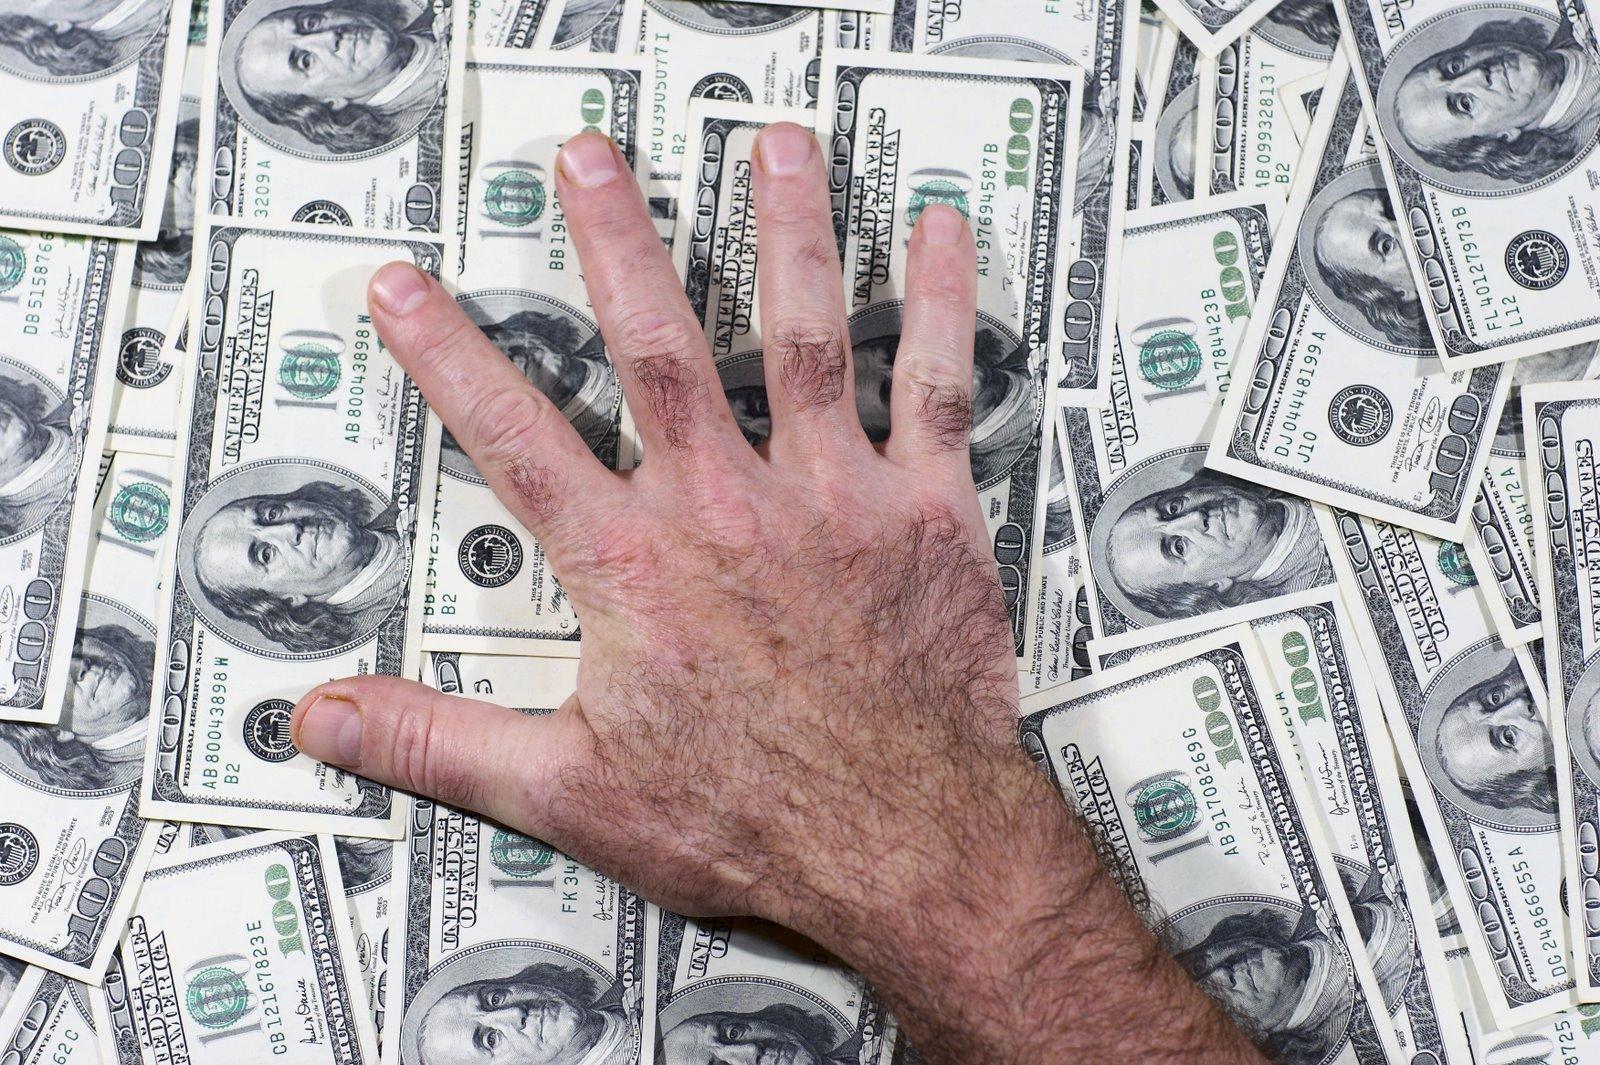 Vive sin ansiedad venciendo tu ansiedad autosuperacion99 como atraer dinero y riqueza a tu vida - Atraer dinero ...